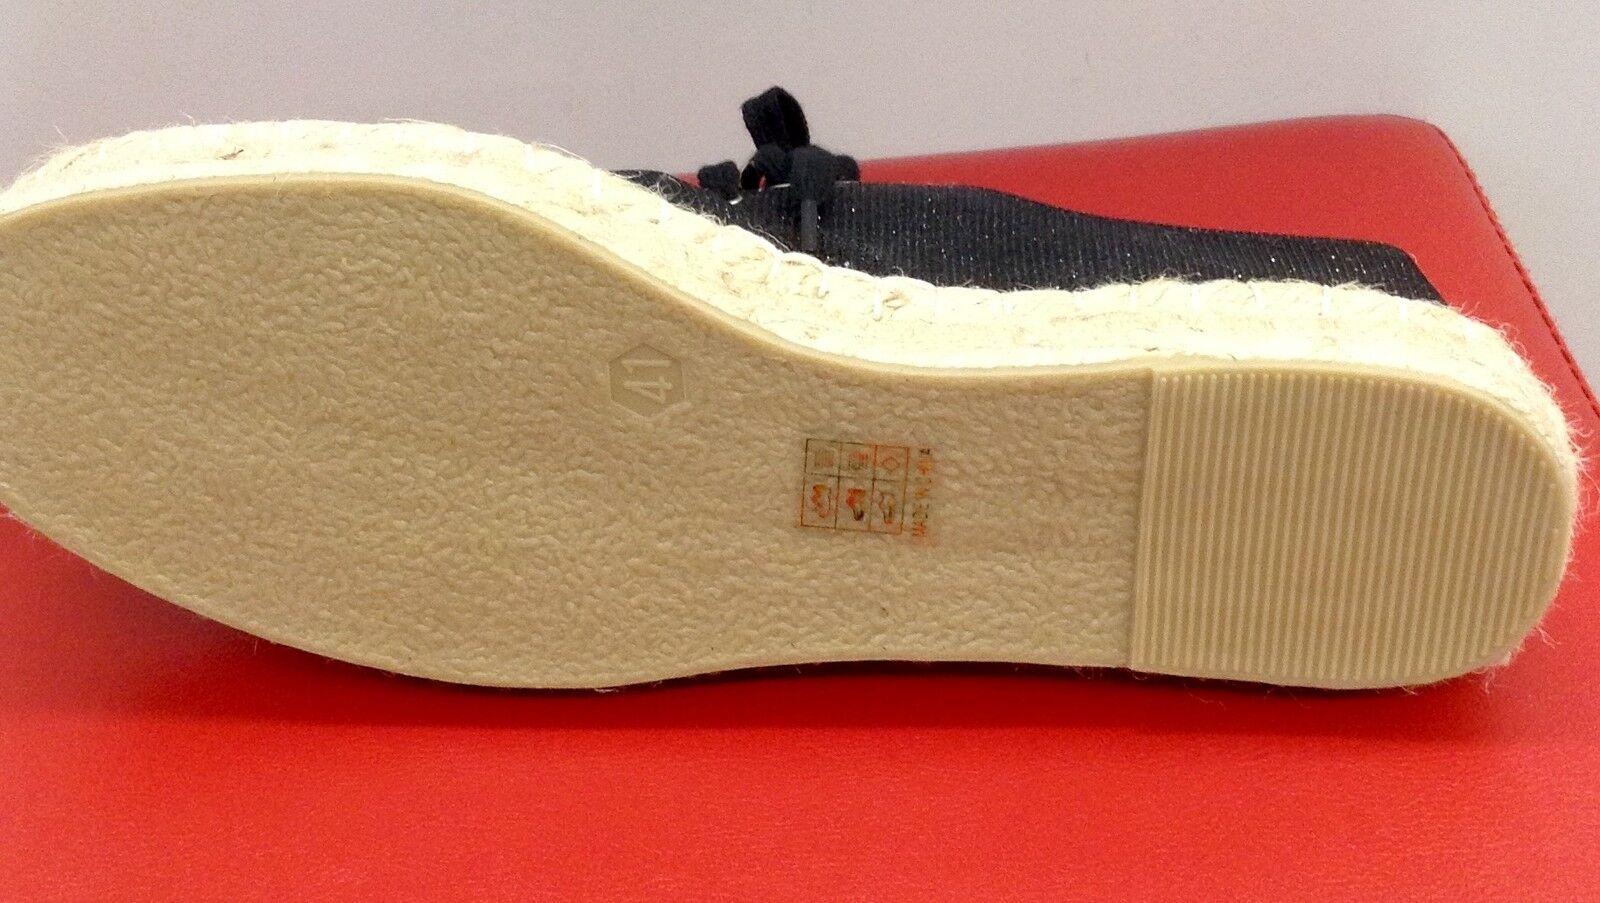 Femmes Paillettes Turn Lacets Course Loisirs Chaussures De Sport Basket Noir/Argent Noir/Argent Basket c34c67